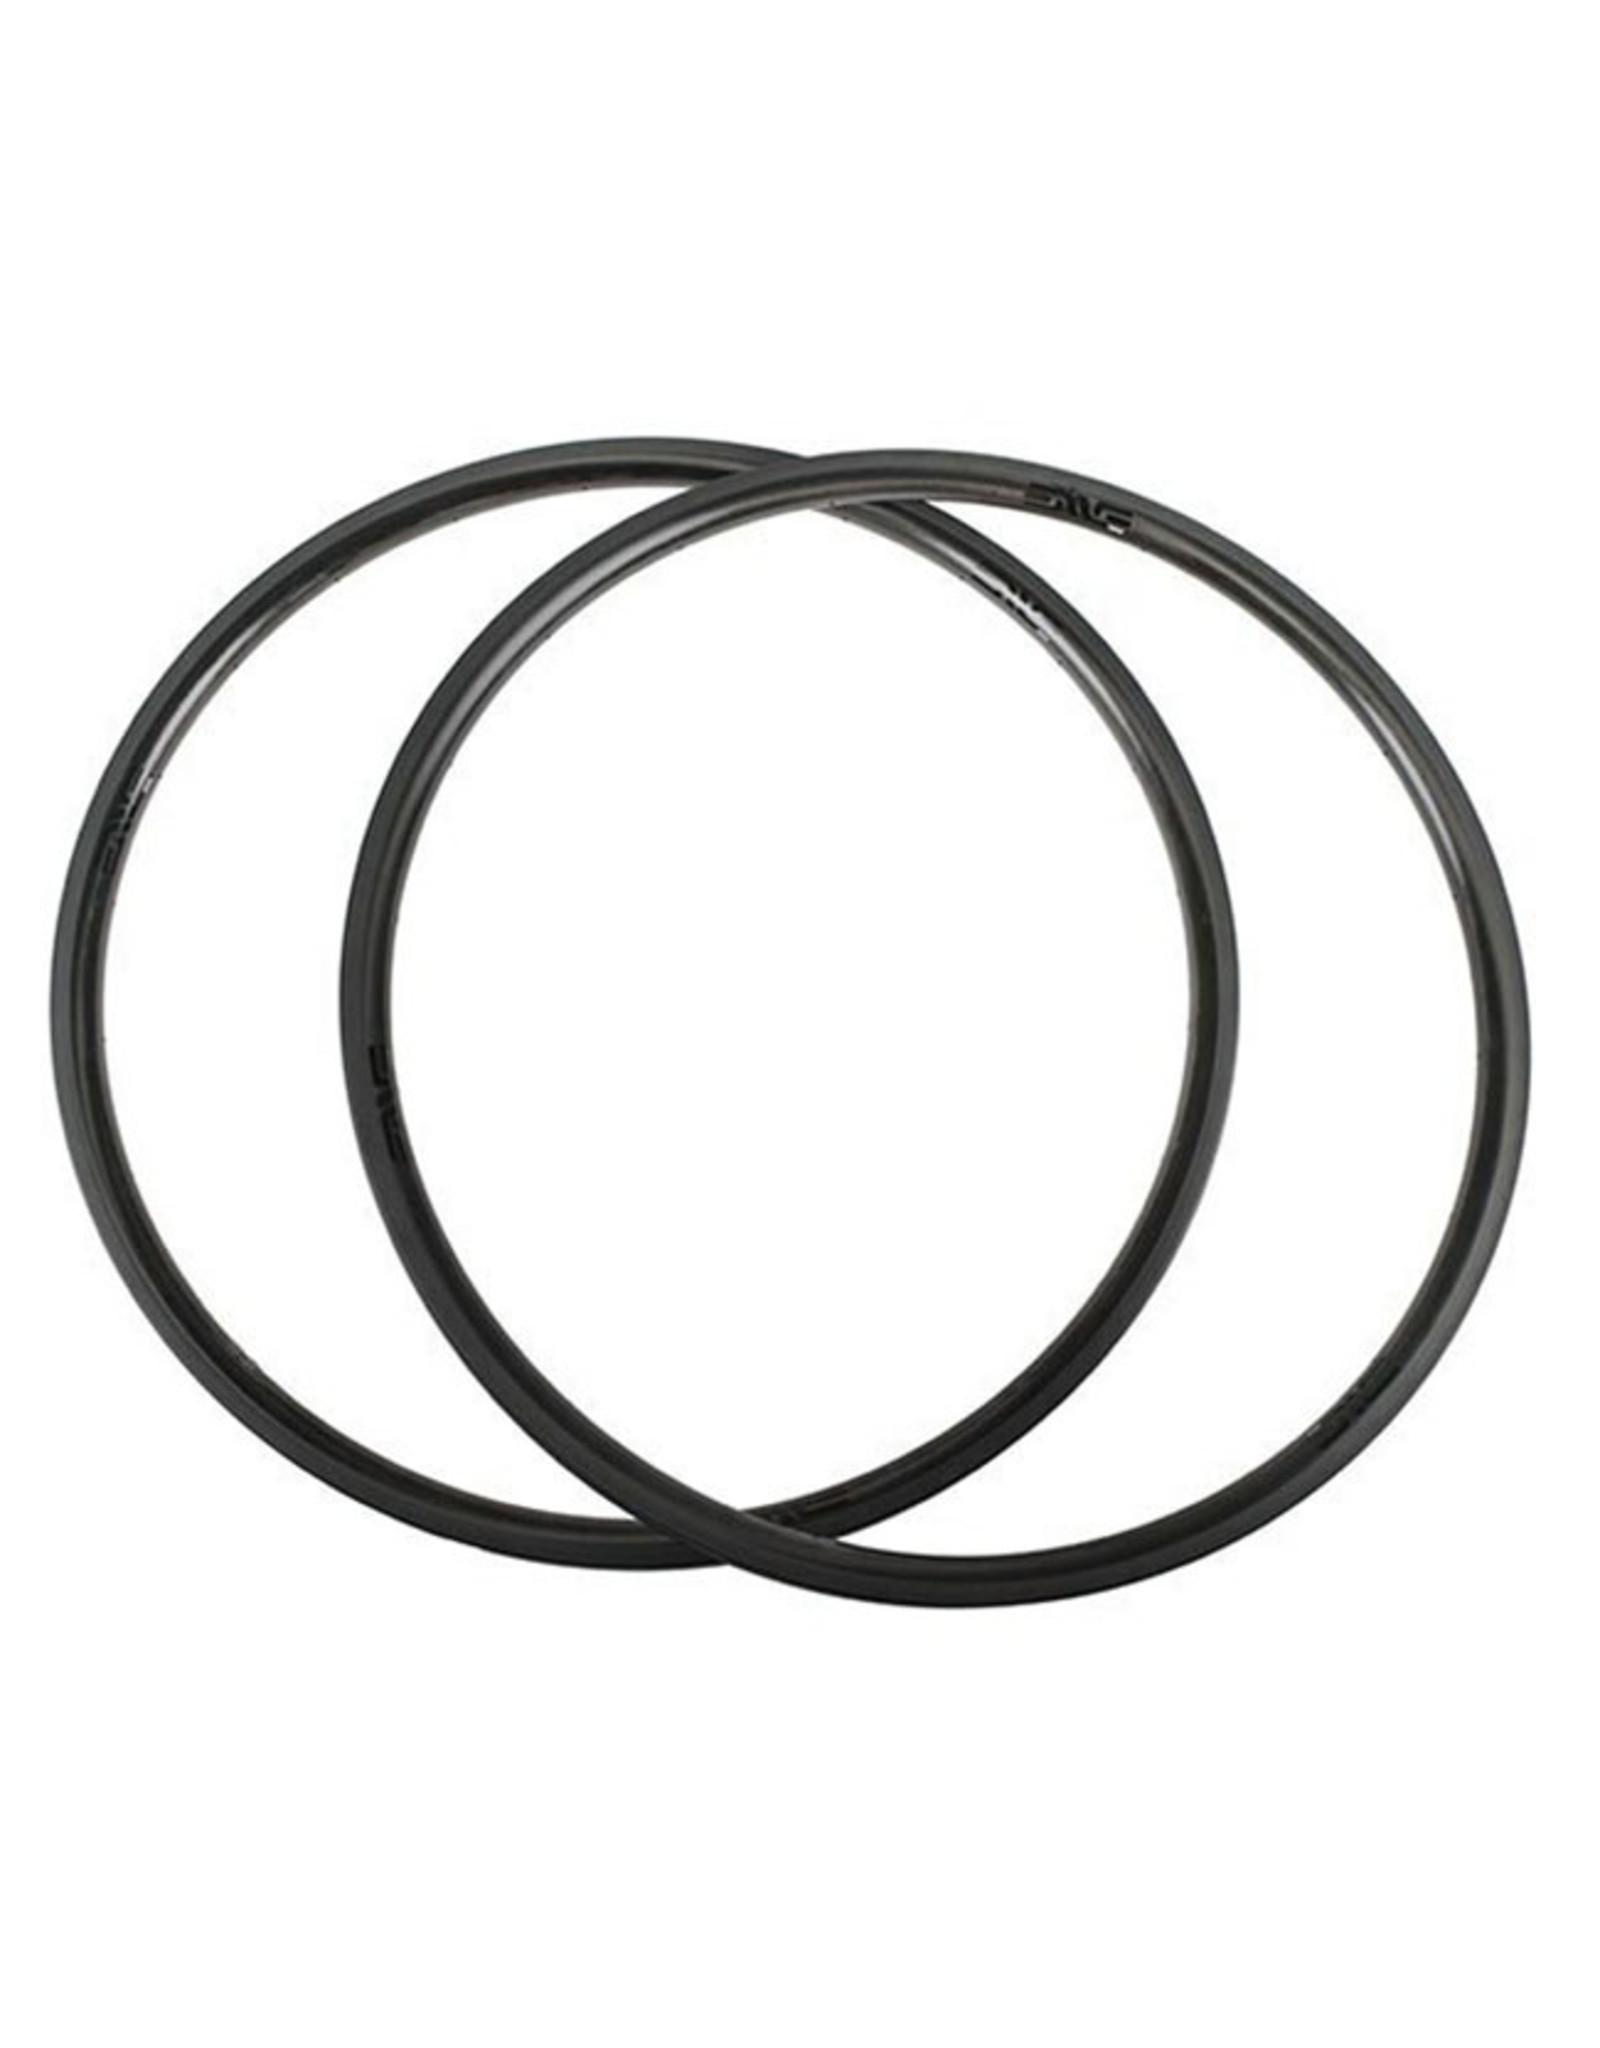 ENVE Composites ENVE 2.2 Carbon Clincher Rims